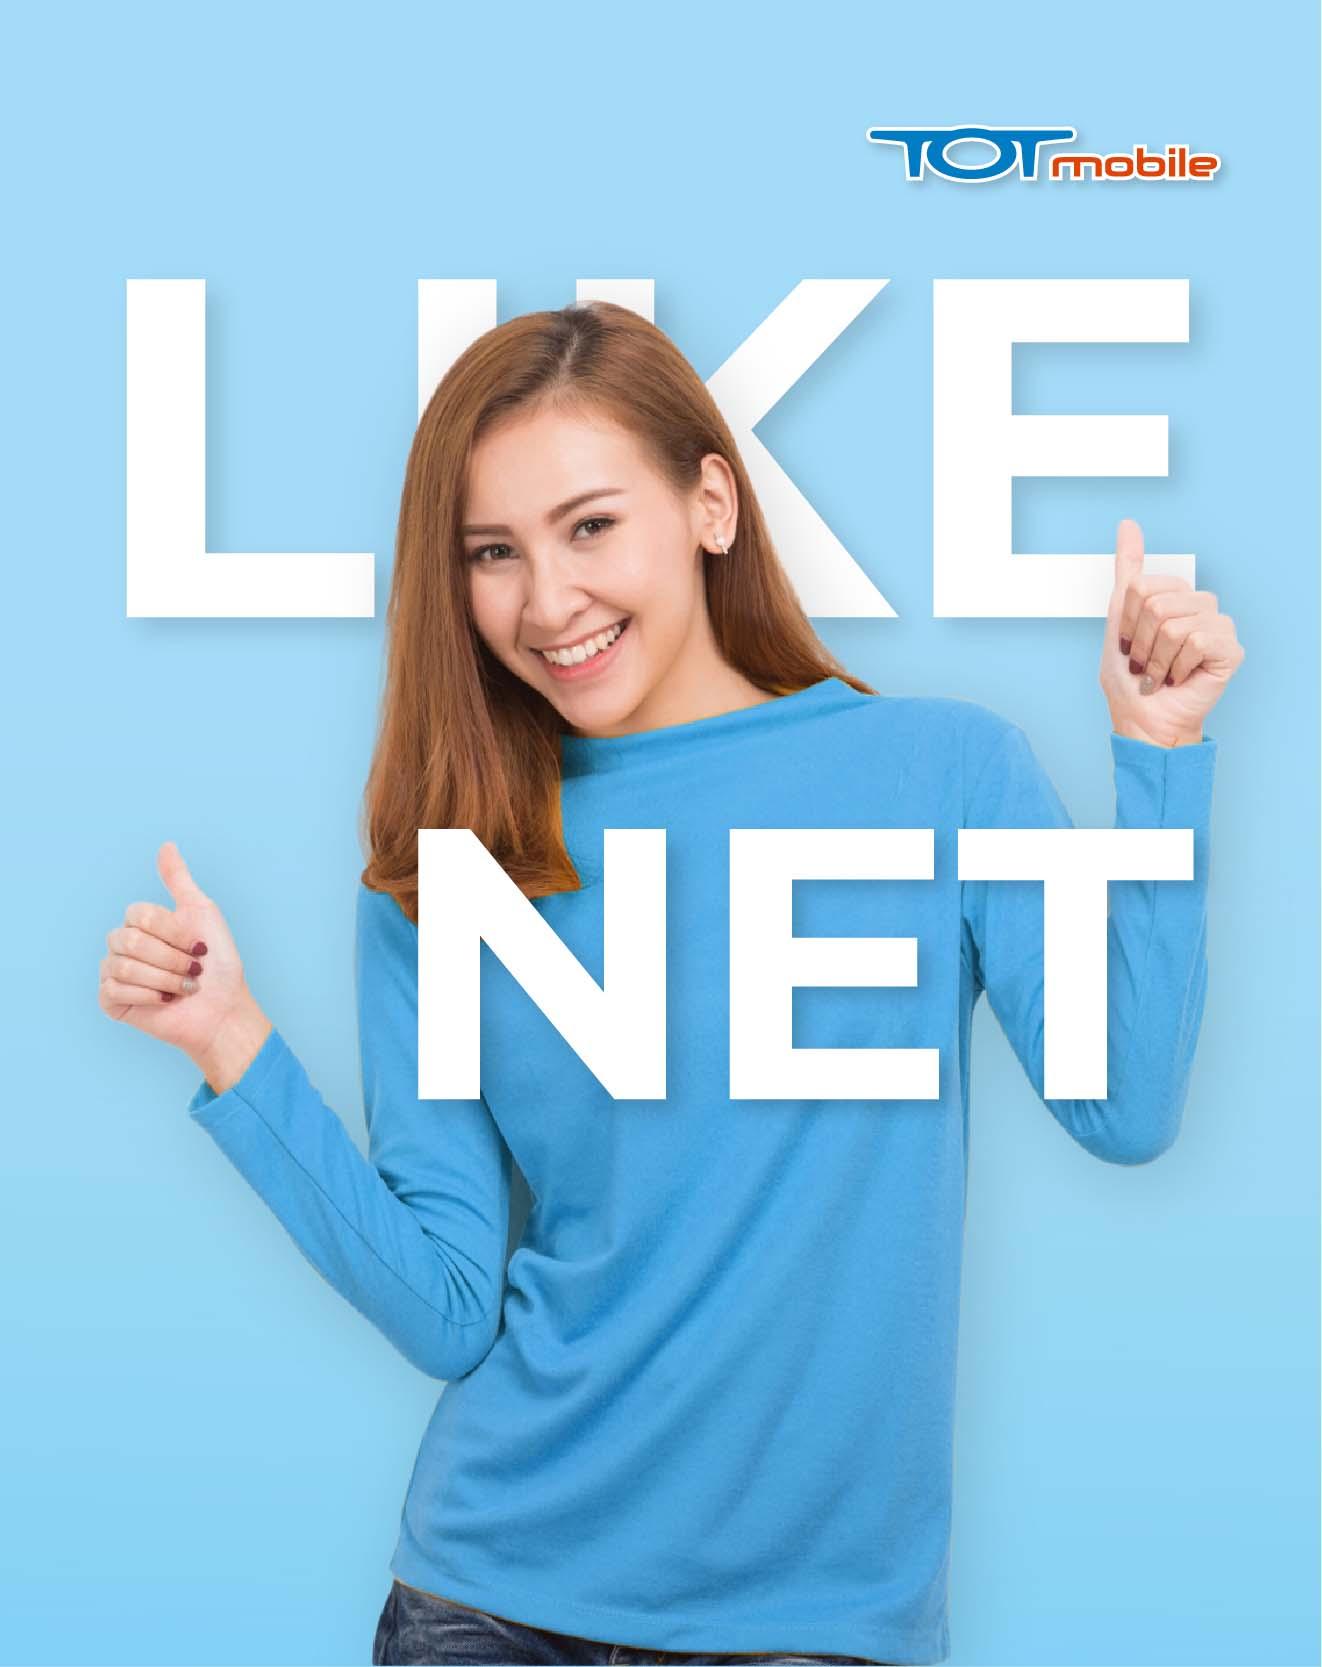 Like net_Thumbnail